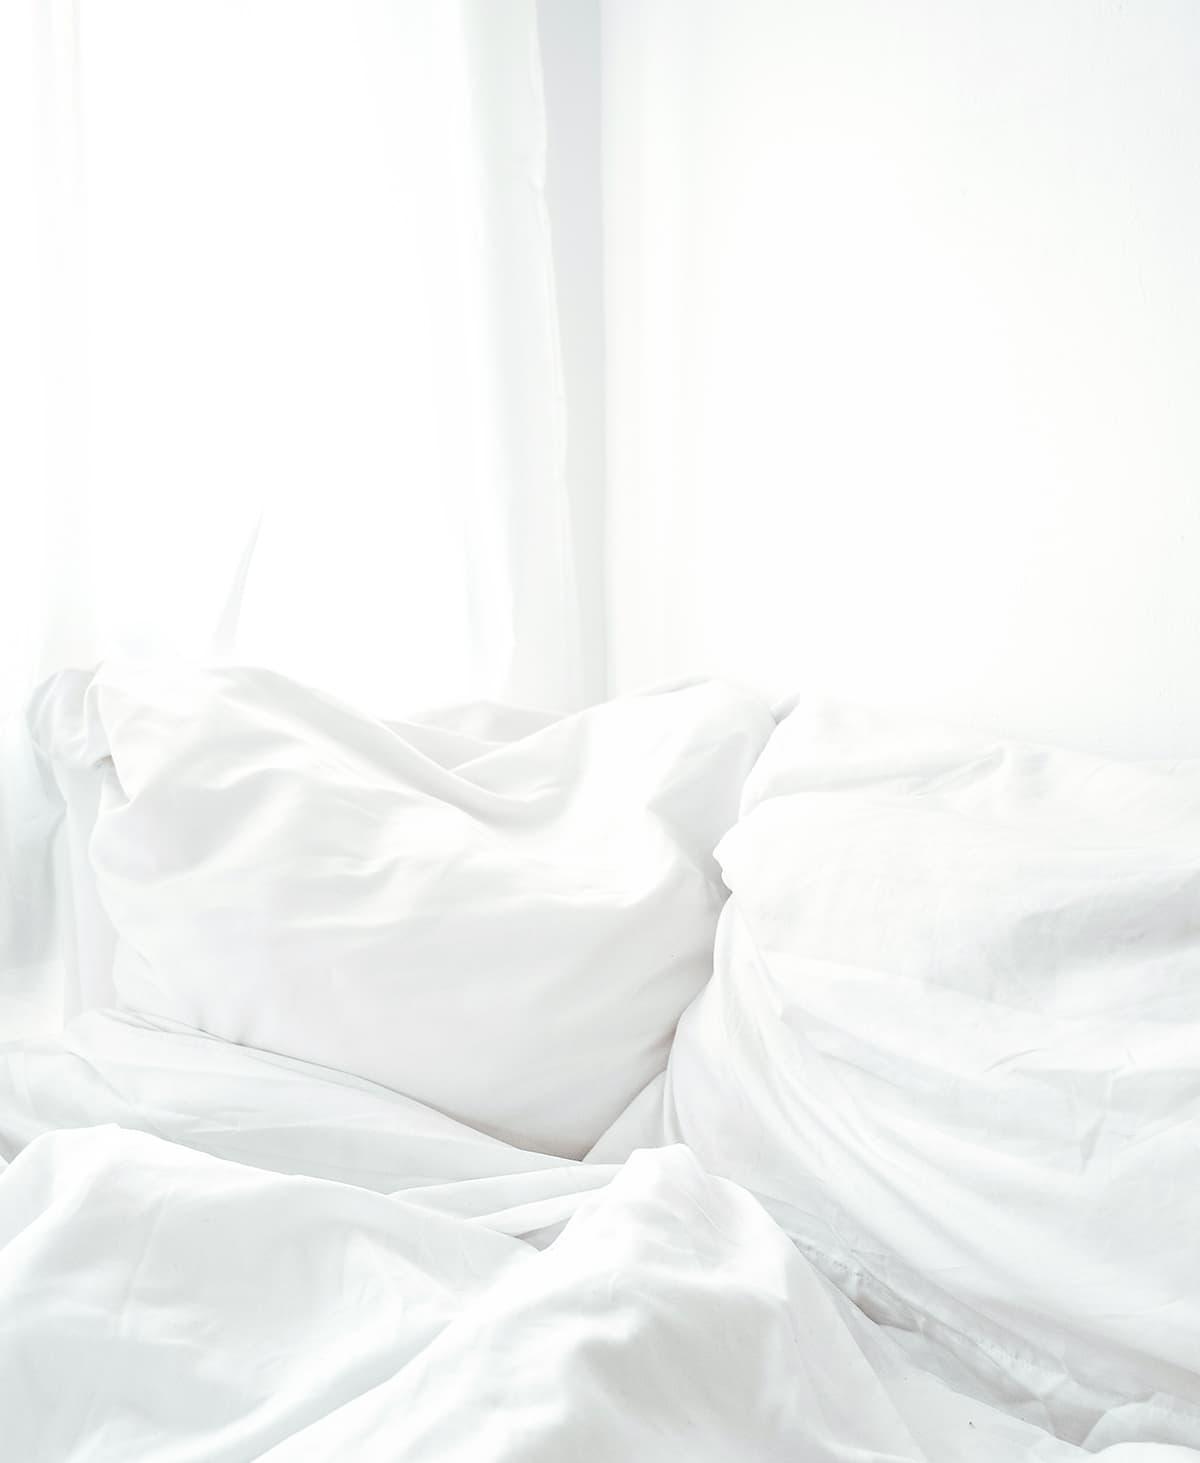 Daunendecke und Federkissen in weißer Bettwäsche vor weißer Wand